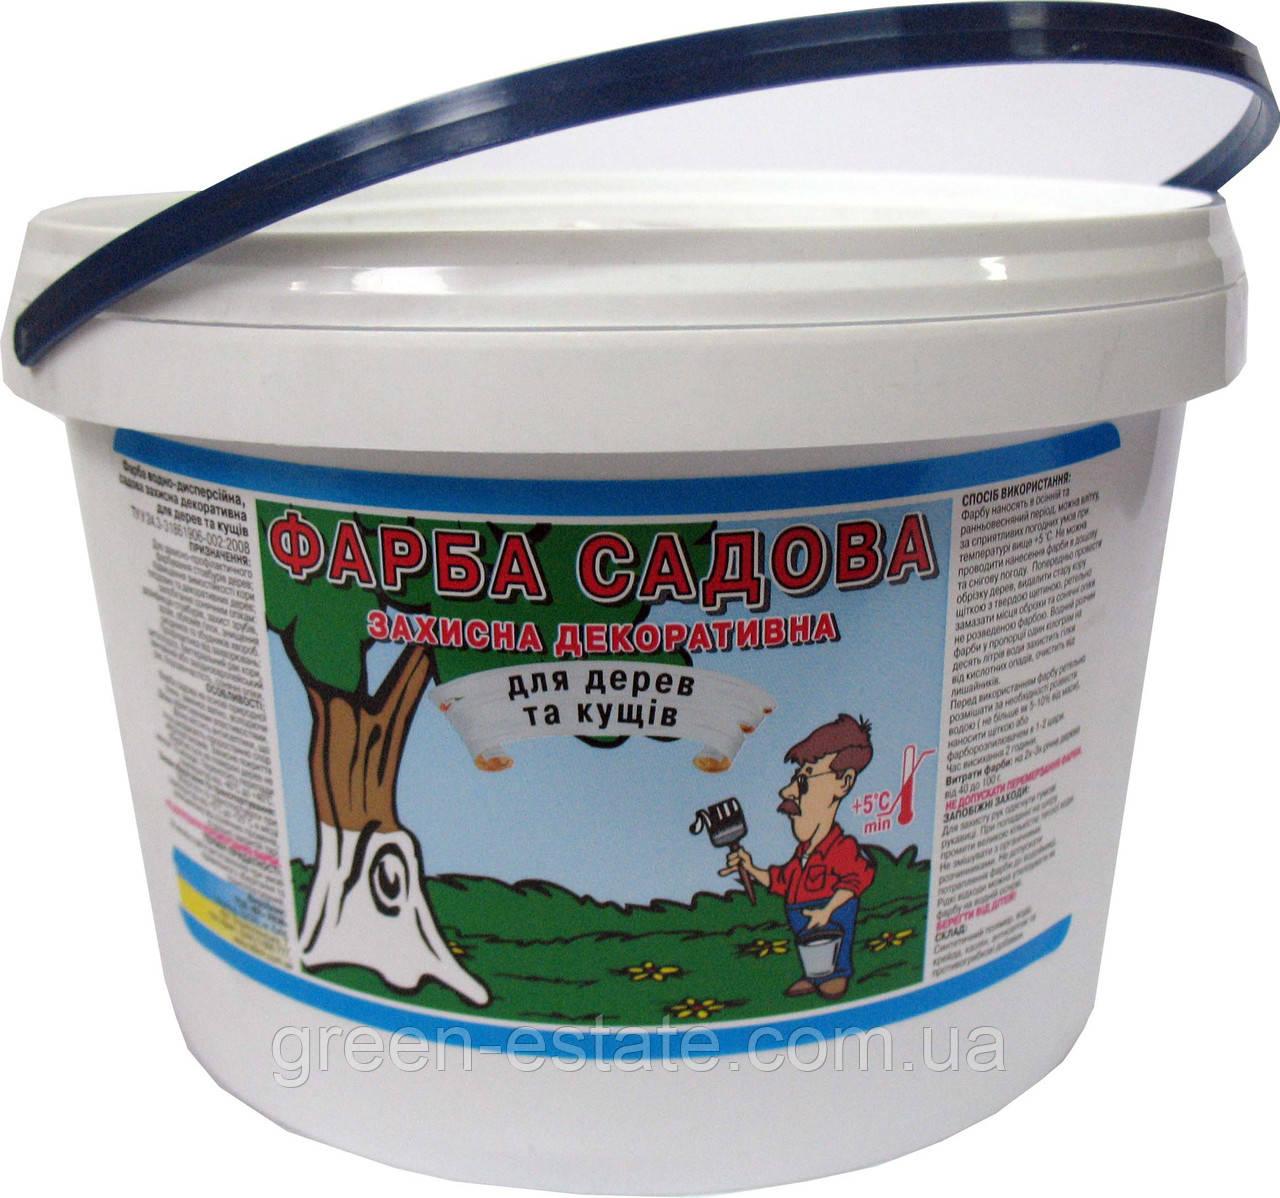 Краска садовая для деревьев 2,8 кг